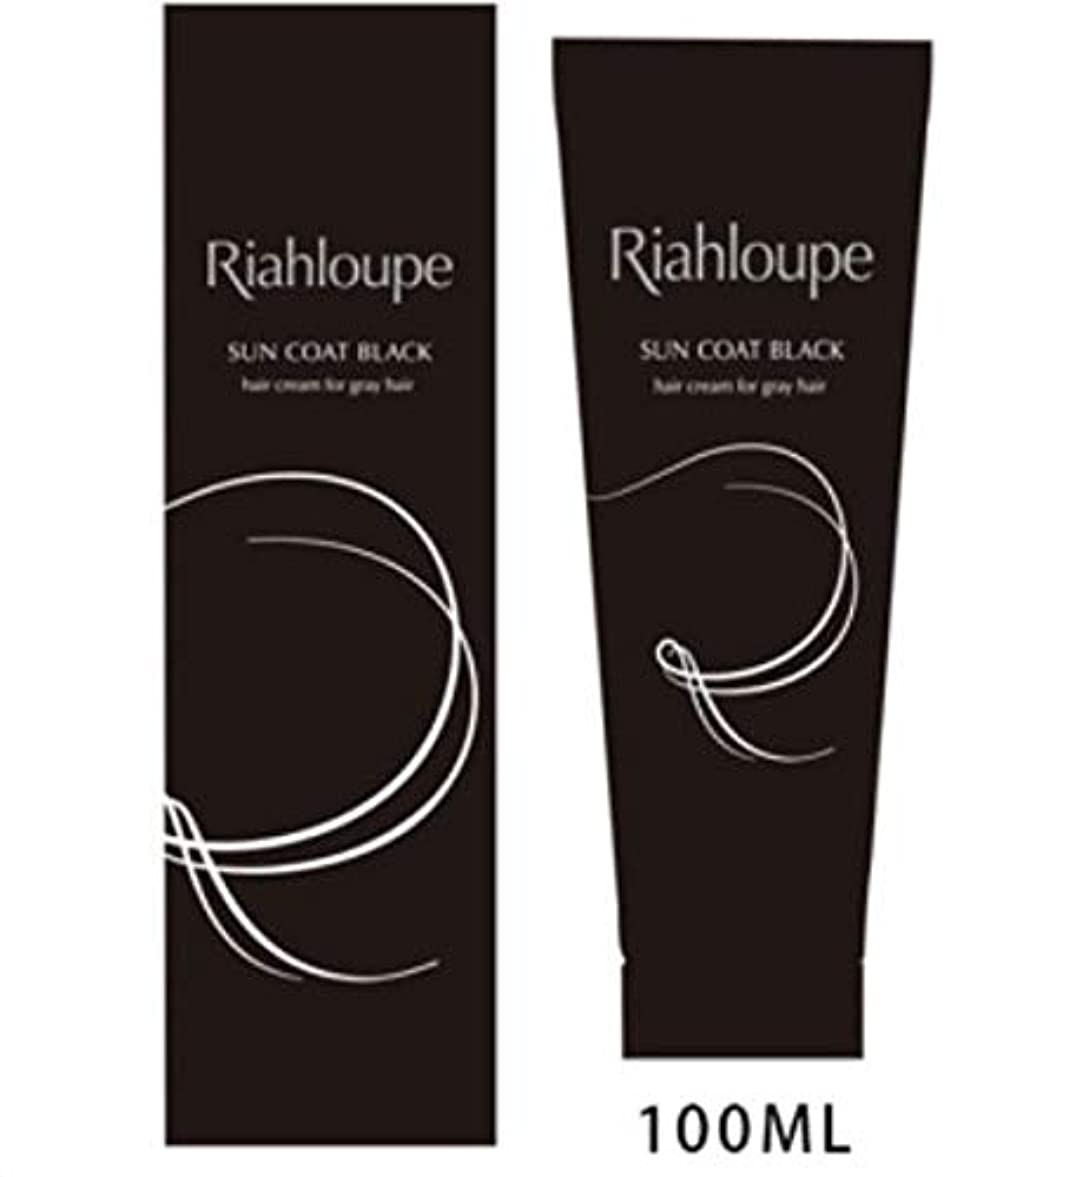 ダメージ強調魅惑する洗い流さない 光で染まる白髪染め リアループサンコートブラックRiahloupe Sun Coat Black 100g